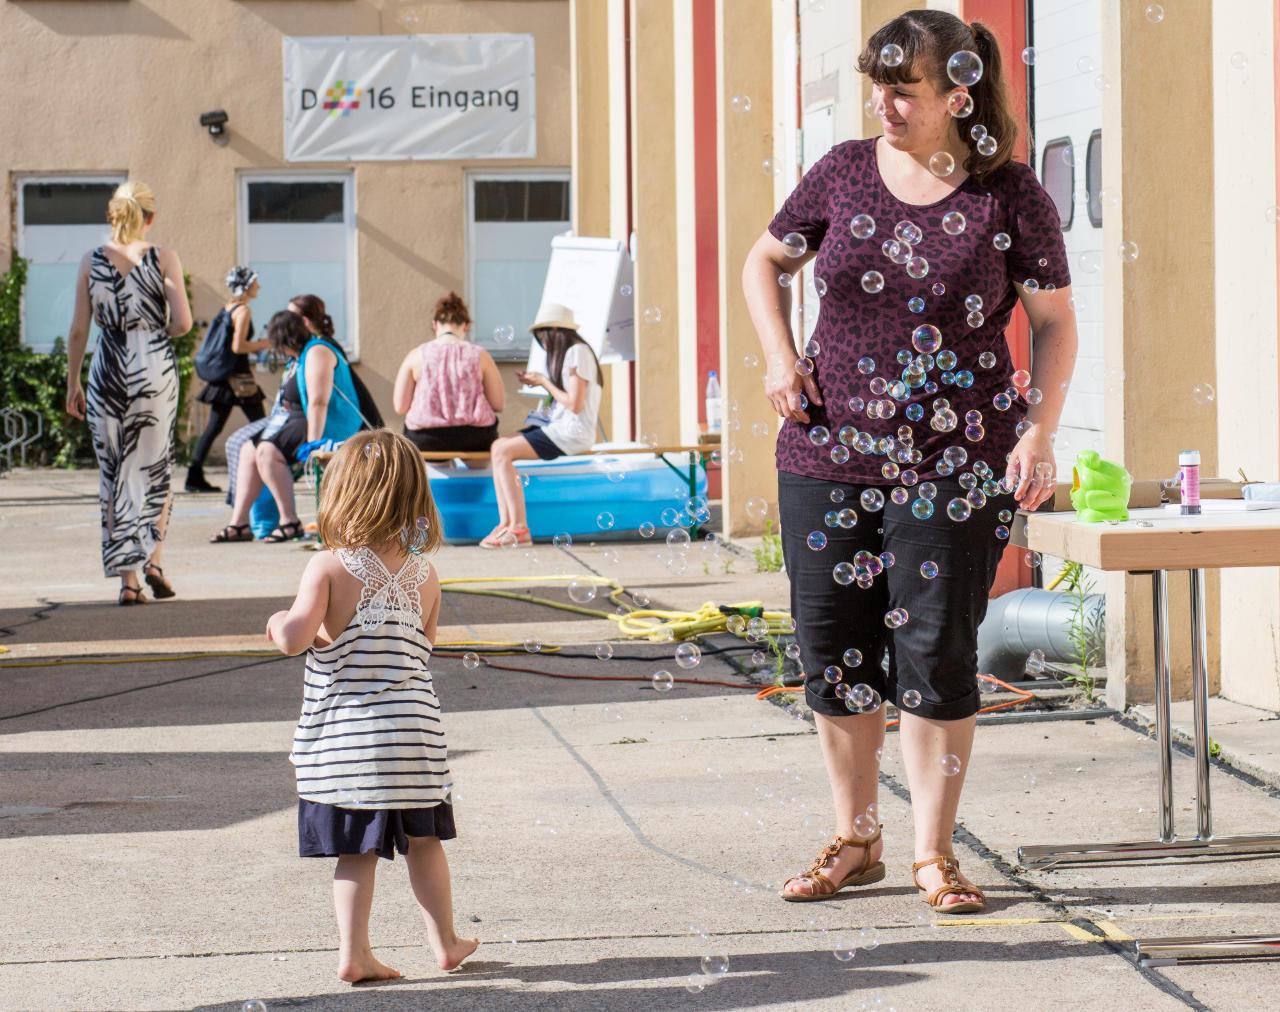 Ein Kind freut sich an einer Fülle an Seifenblasen aus der Maschine.